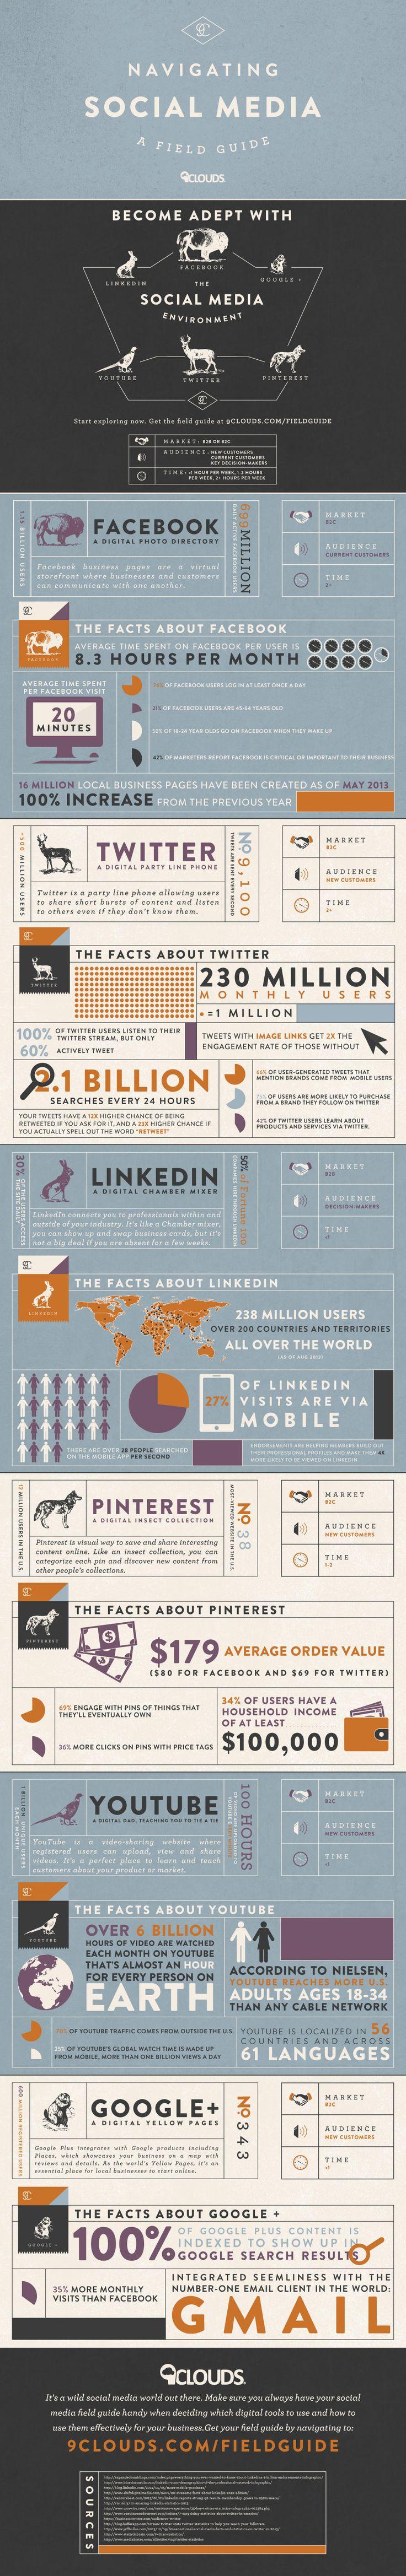 Povedená a mírně netradiční infografika od 9clouds rekapituluje zásadní sociální sítě, jejich vlastnosti a v čem jsou použitelné. Berte samozřejmě v úvahu, že jde o jiné prostředí. Česká republika prostě není USA a v řadě aspektů jsme poněkud pozadu.